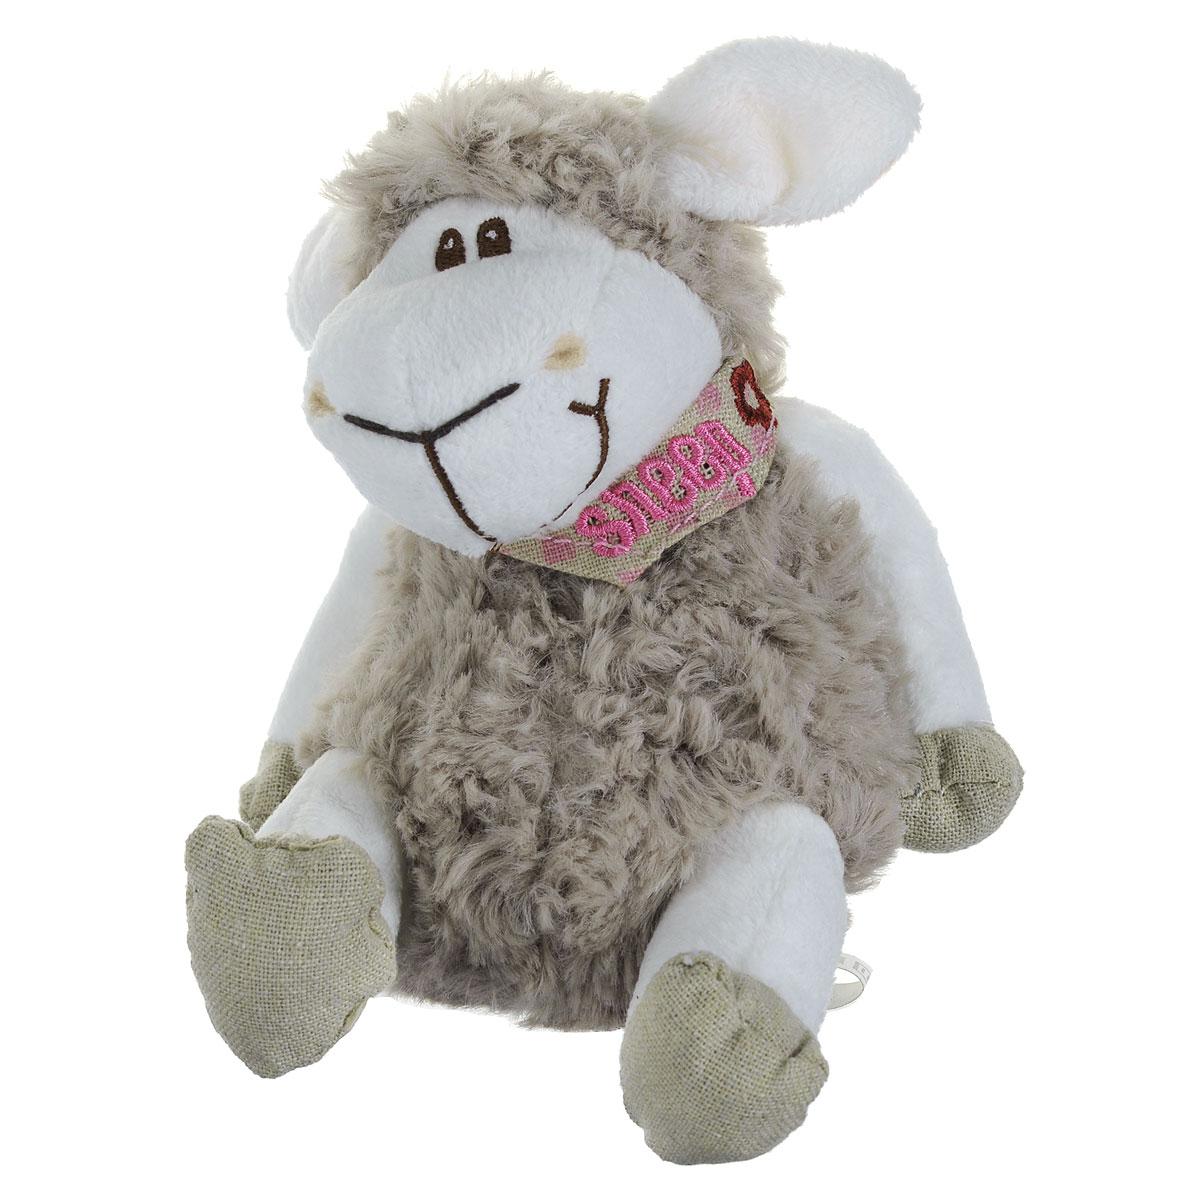 Мягкая игрушка JSL Овца, 14,5 смTB11-196/5,5Очаровательная мягкая игрушка JSL Овца, выполненная в виде жизнерадостной овечки с красочной банданой на шее, вызовет умиление и улыбку у каждого, кто ее увидит. Удивительно мягкая игрушка принесет радость и подарит своему обладателю мгновения нежных объятий и приятных воспоминаний. Великолепное качество исполнения делают эту игрушку чудесным подарком к любому празднику.